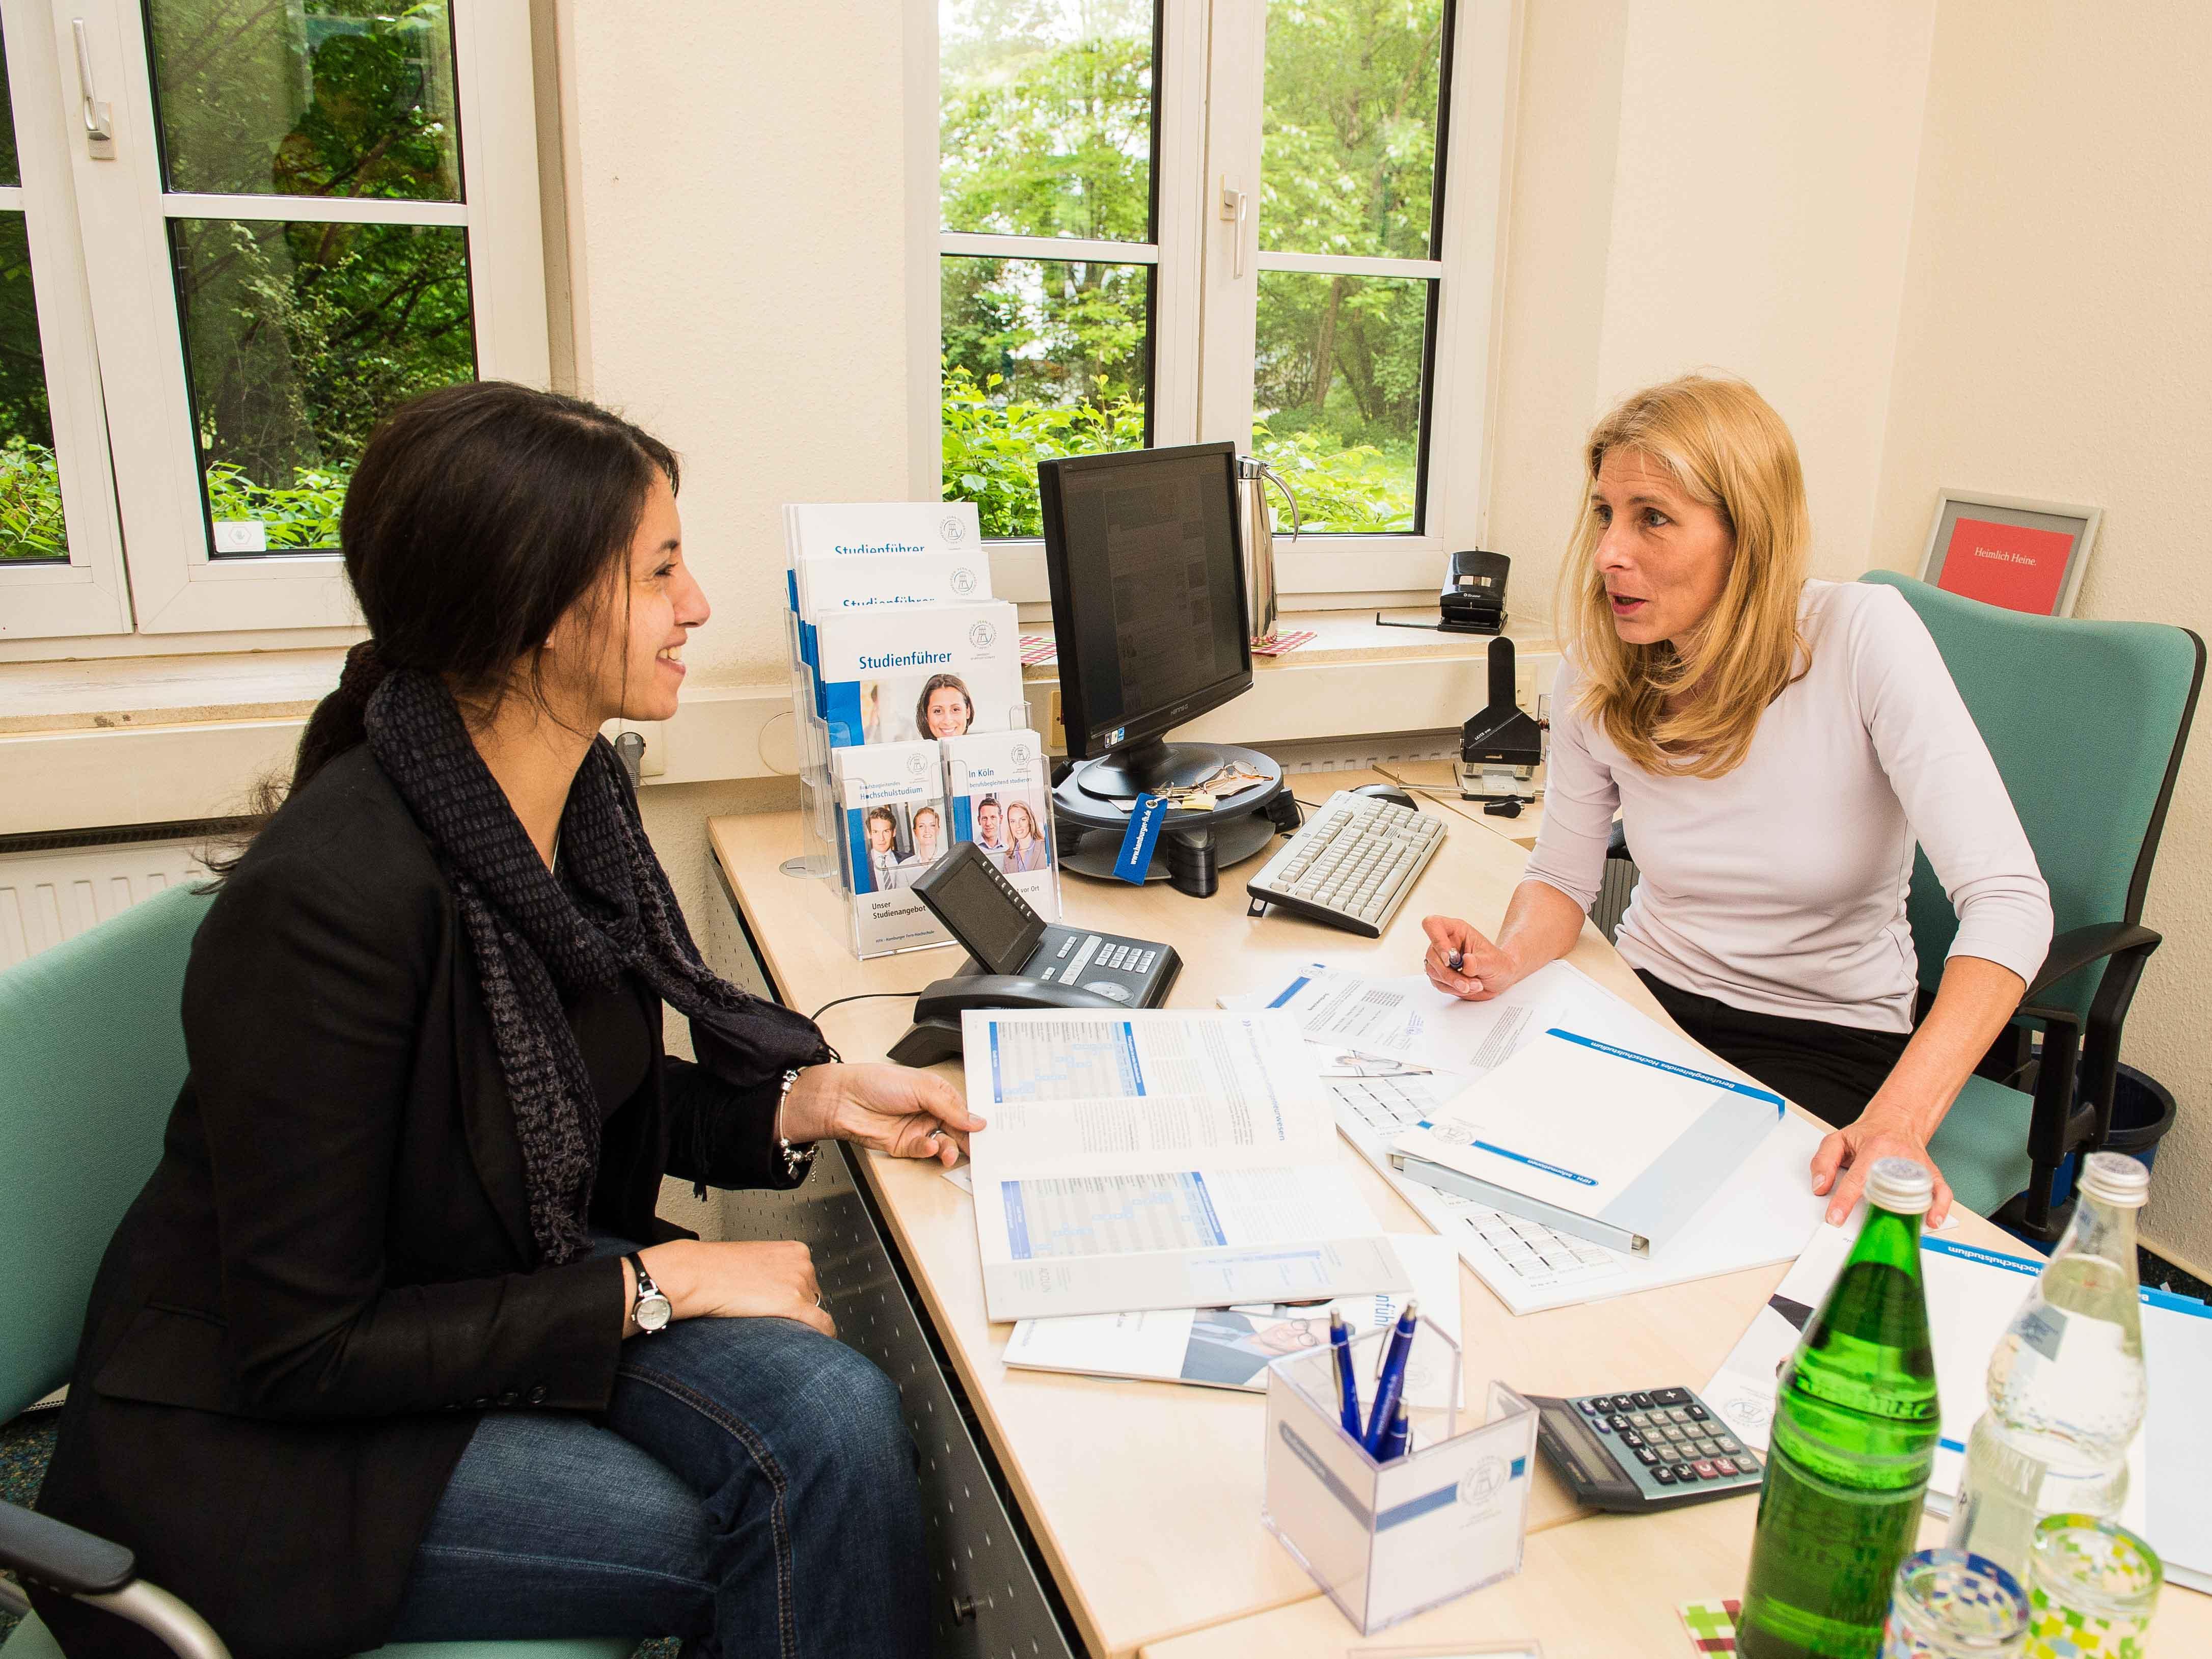 Studium ohne abitur berufsbegleitend studieren an der hfh for Ohne abitur studieren